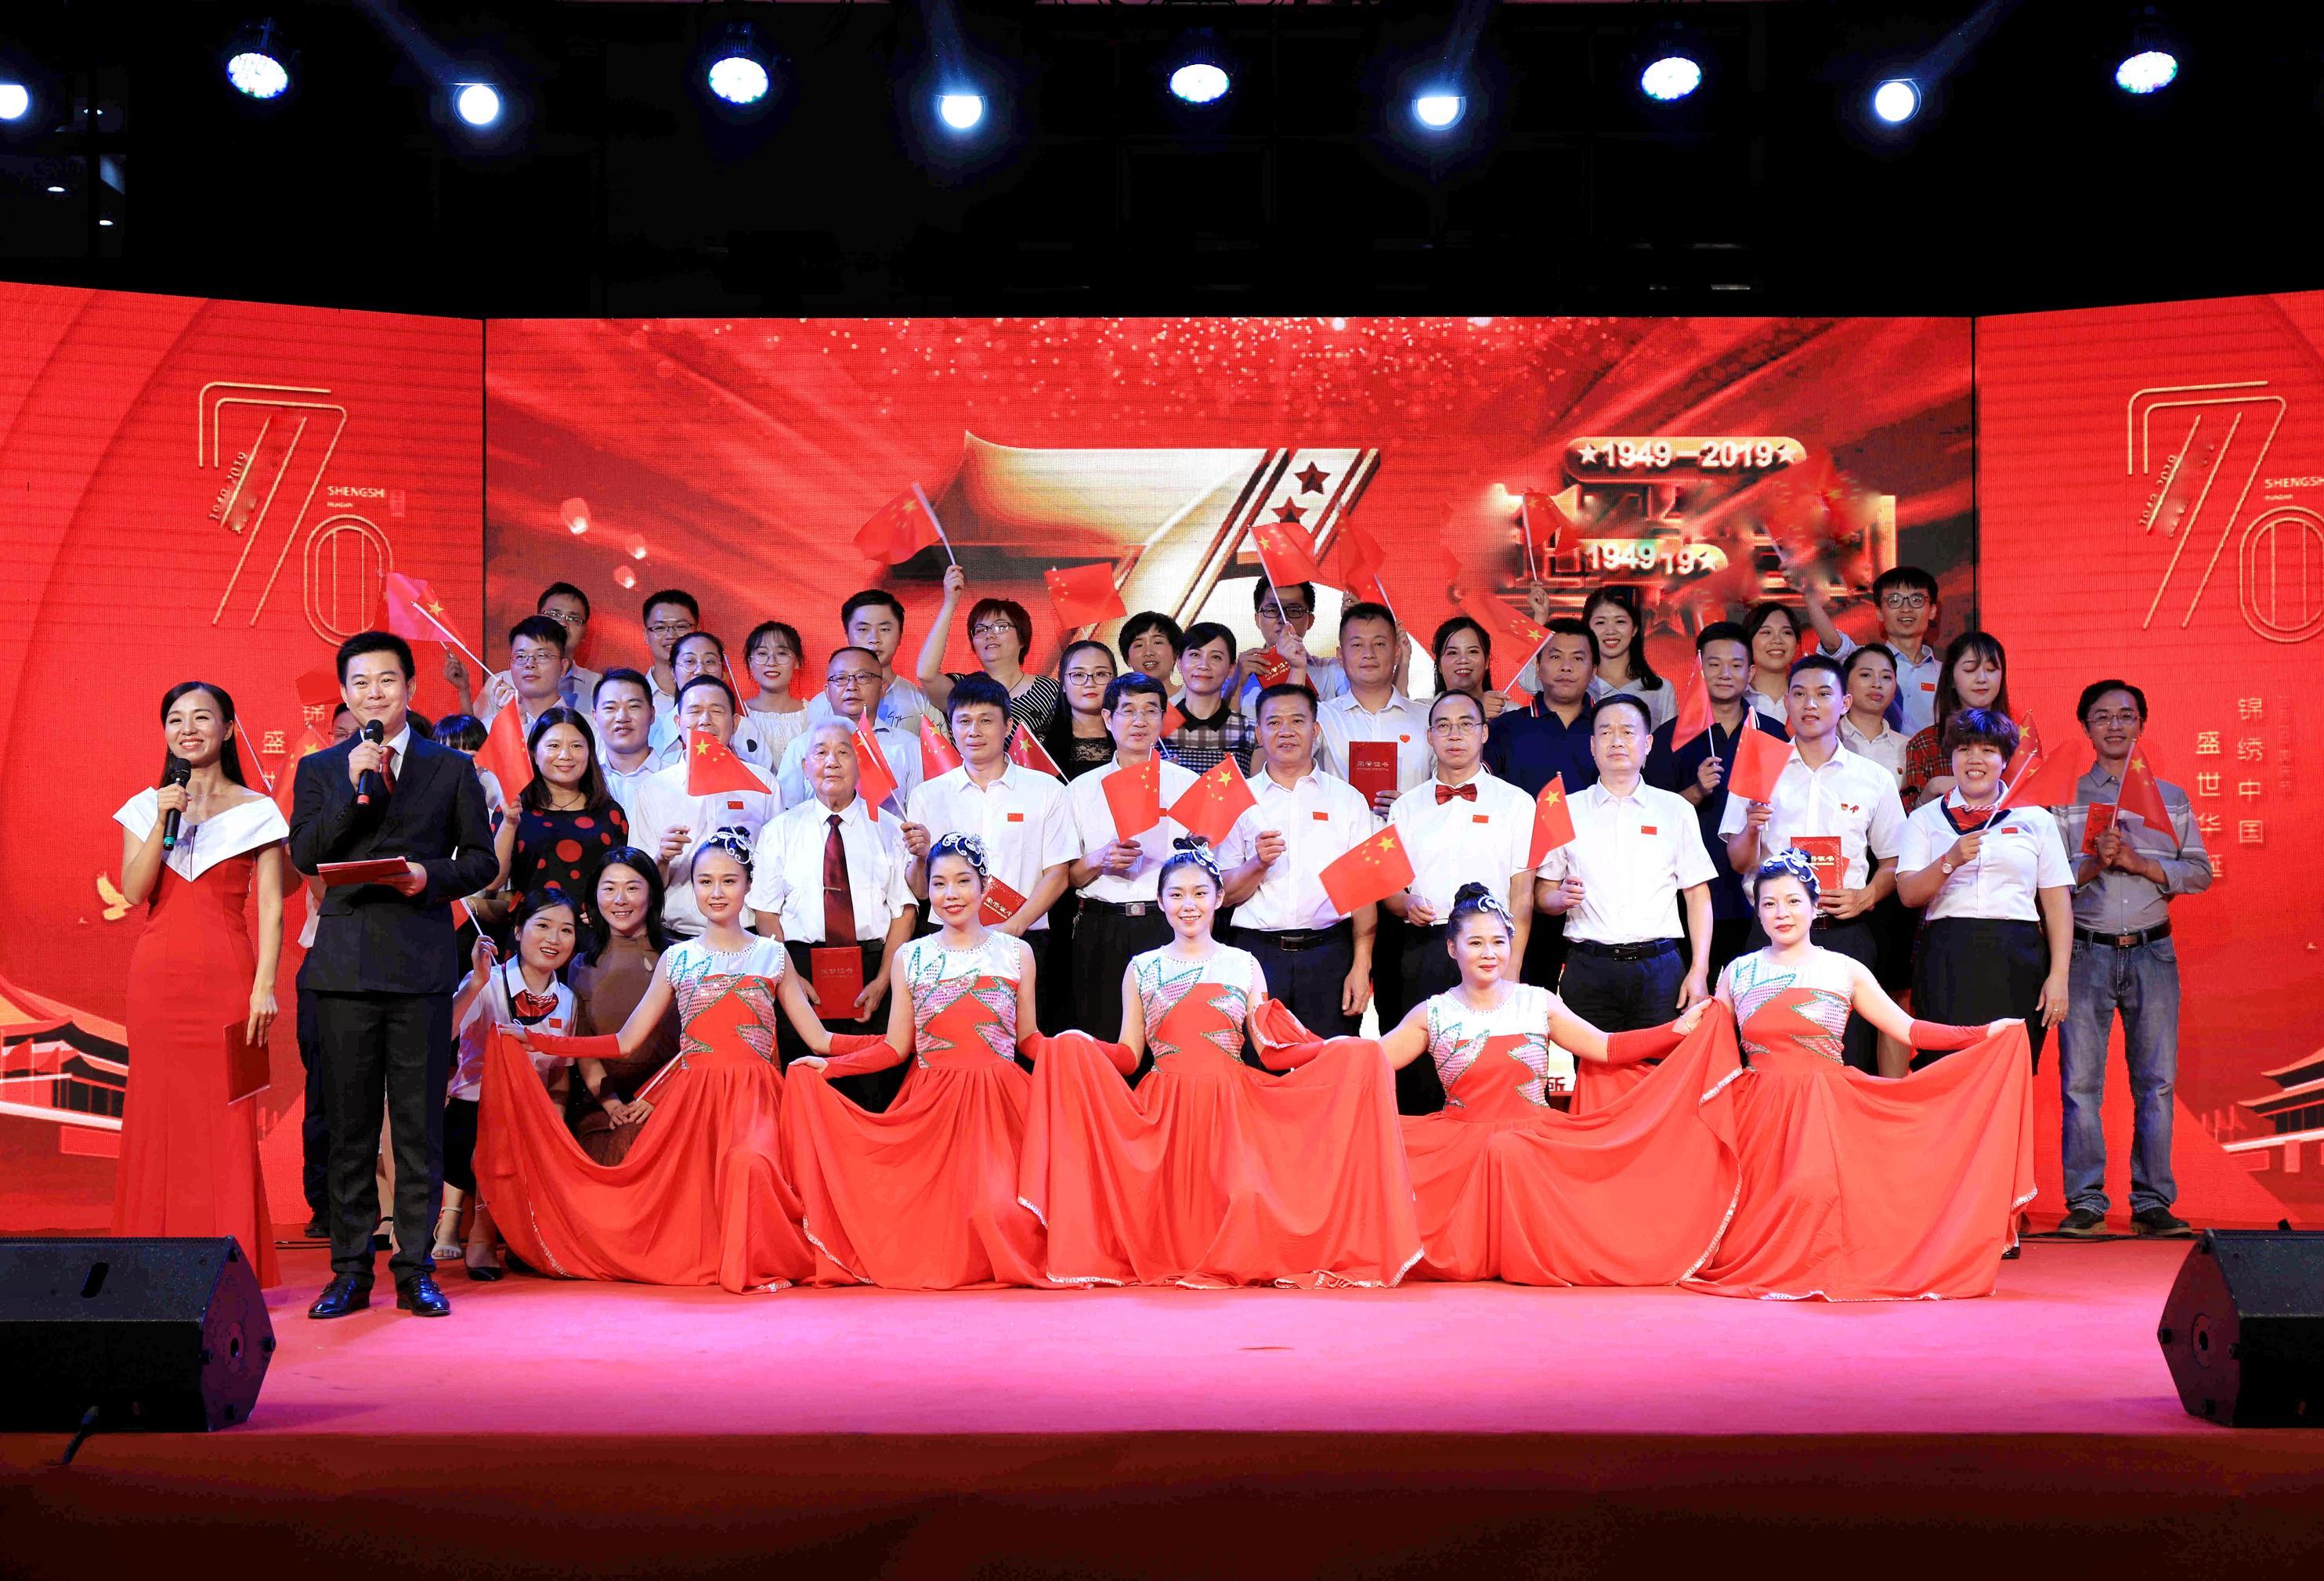 礼赞新中国 漳州市气象举行庆祝新中国成立70周年文艺晚会